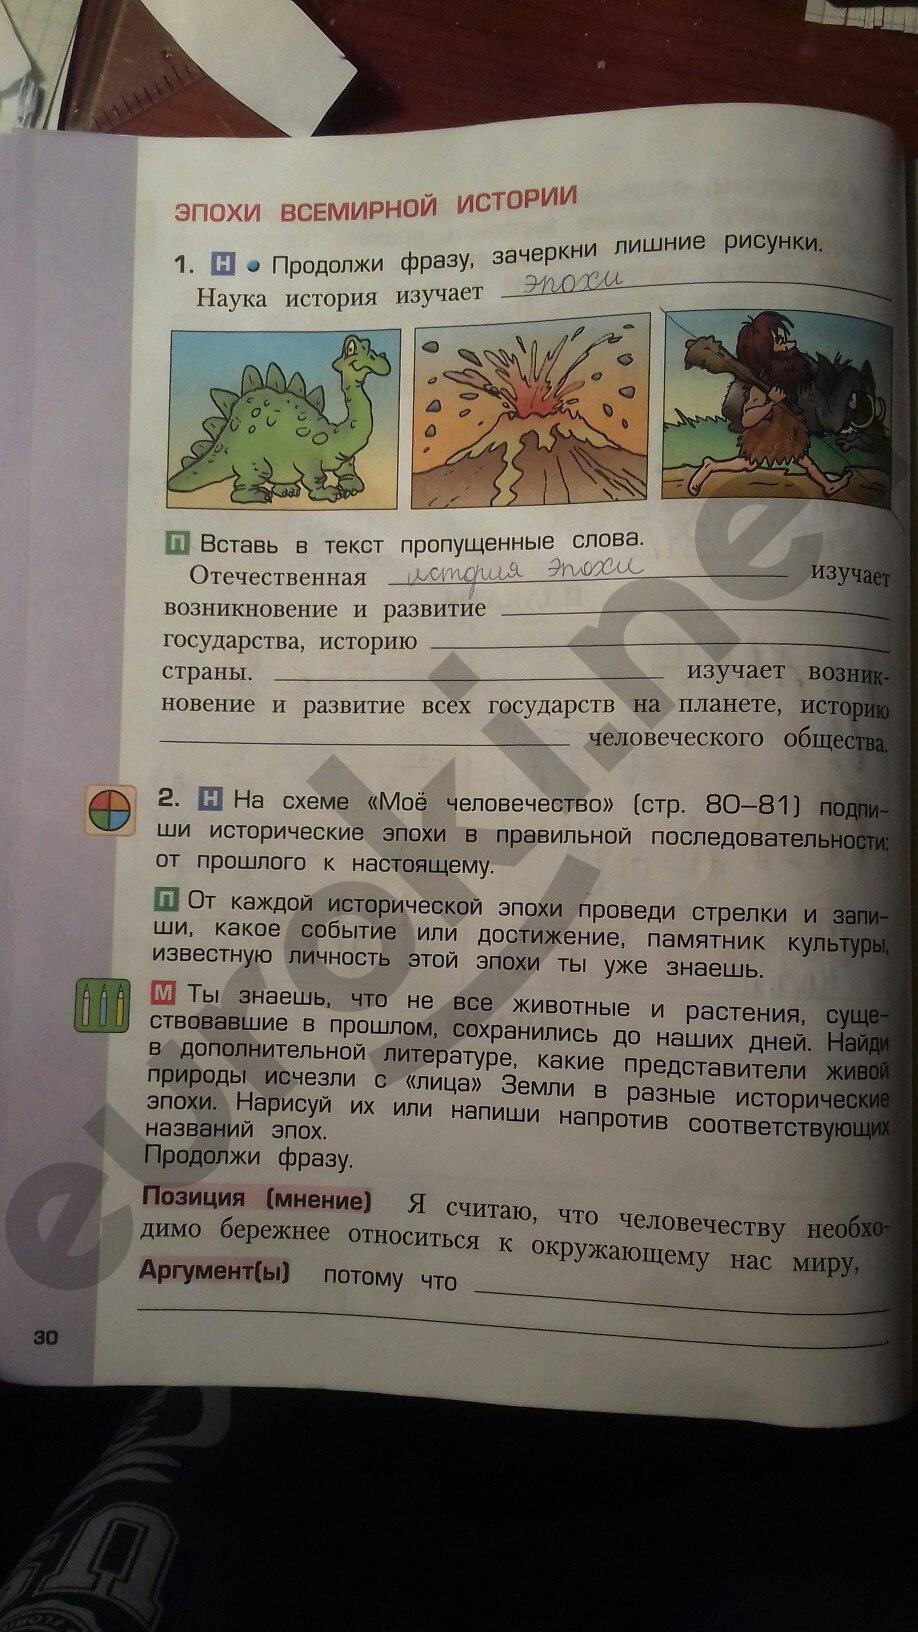 гдз по окружающему миру 4 класс учебник 2 часть харитонова ответы